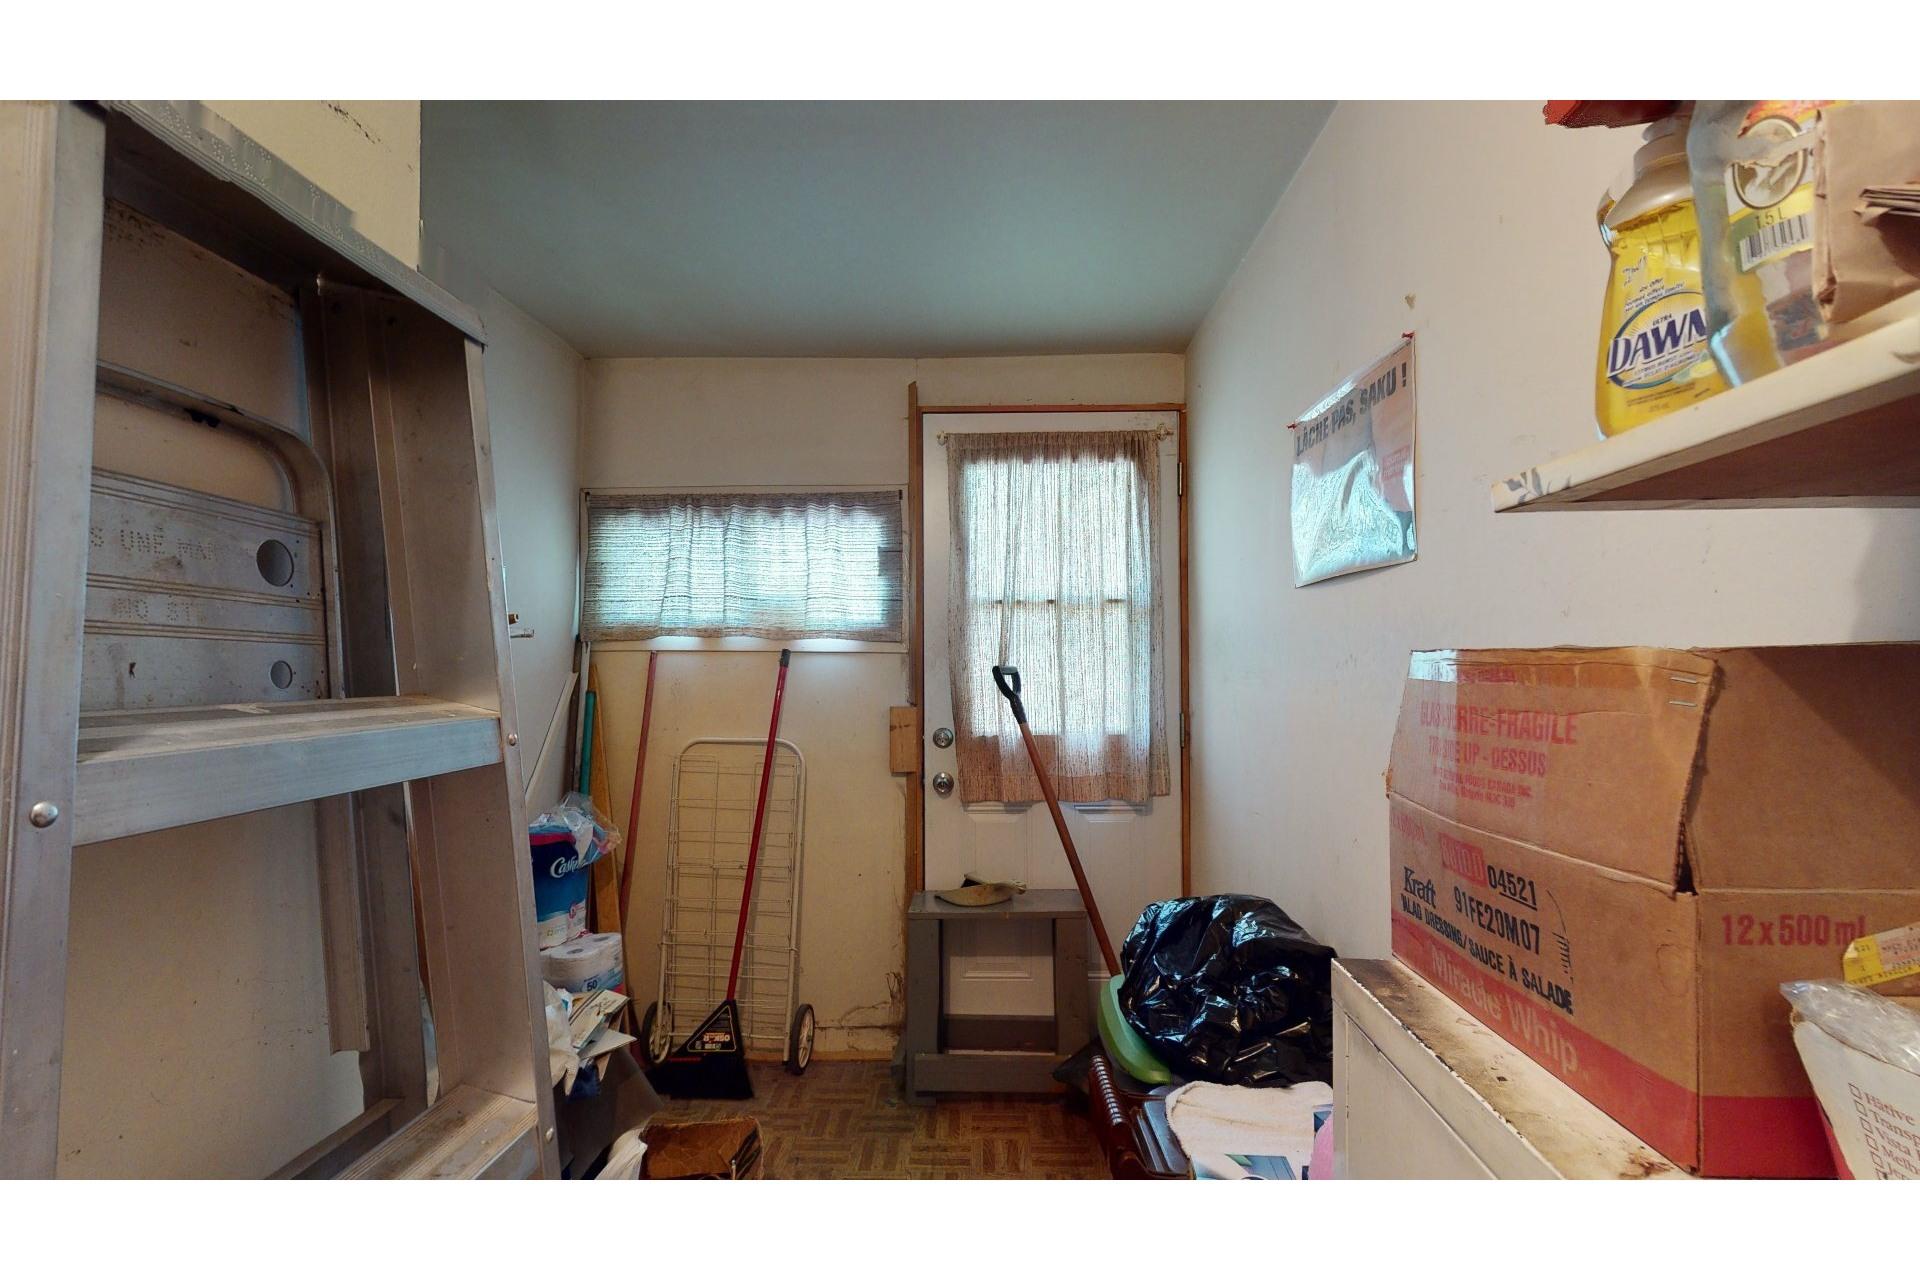 image 31 - Duplex À vendre Rosemont/La Petite-Patrie Montréal  - 4 pièces